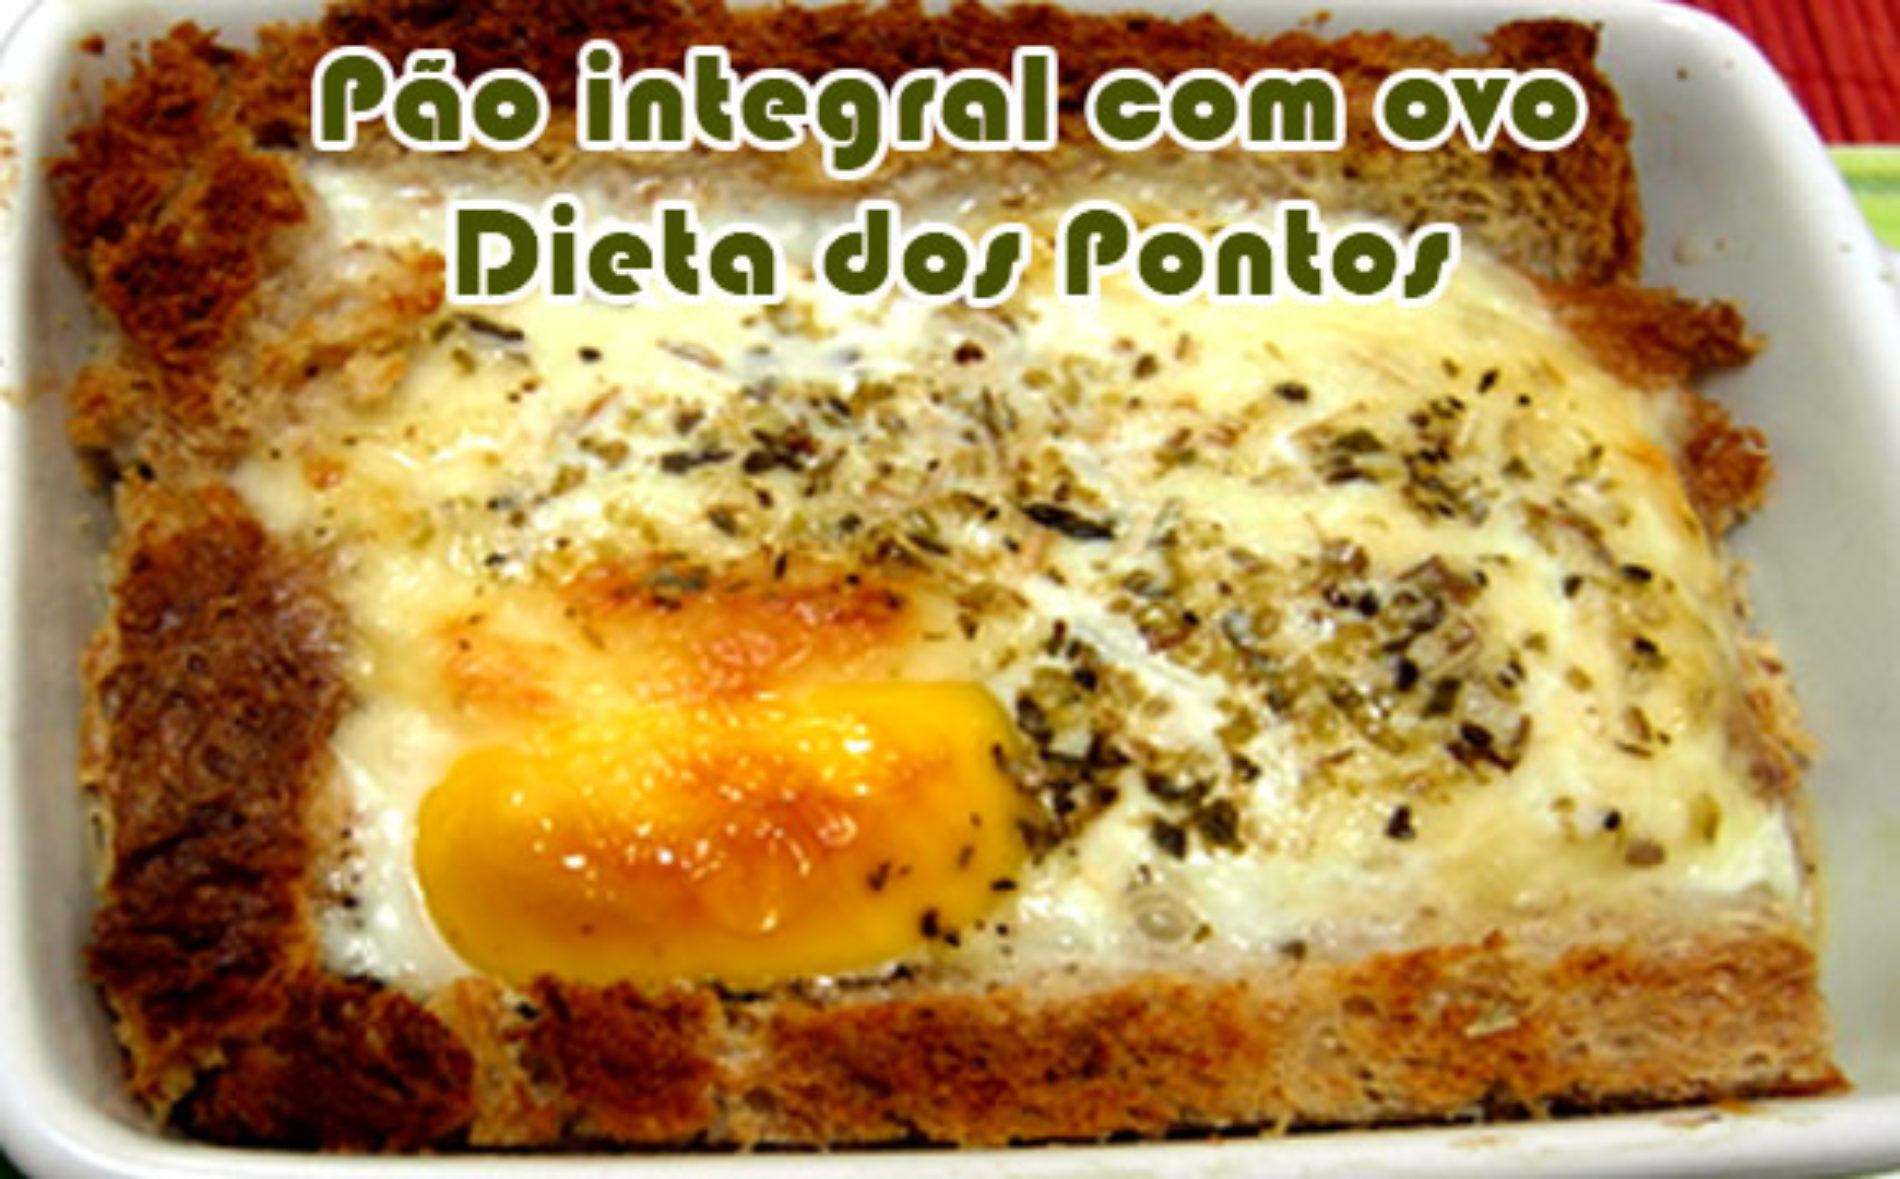 Pão integral e ovo com 81 pontos – Dieta dos Pontos